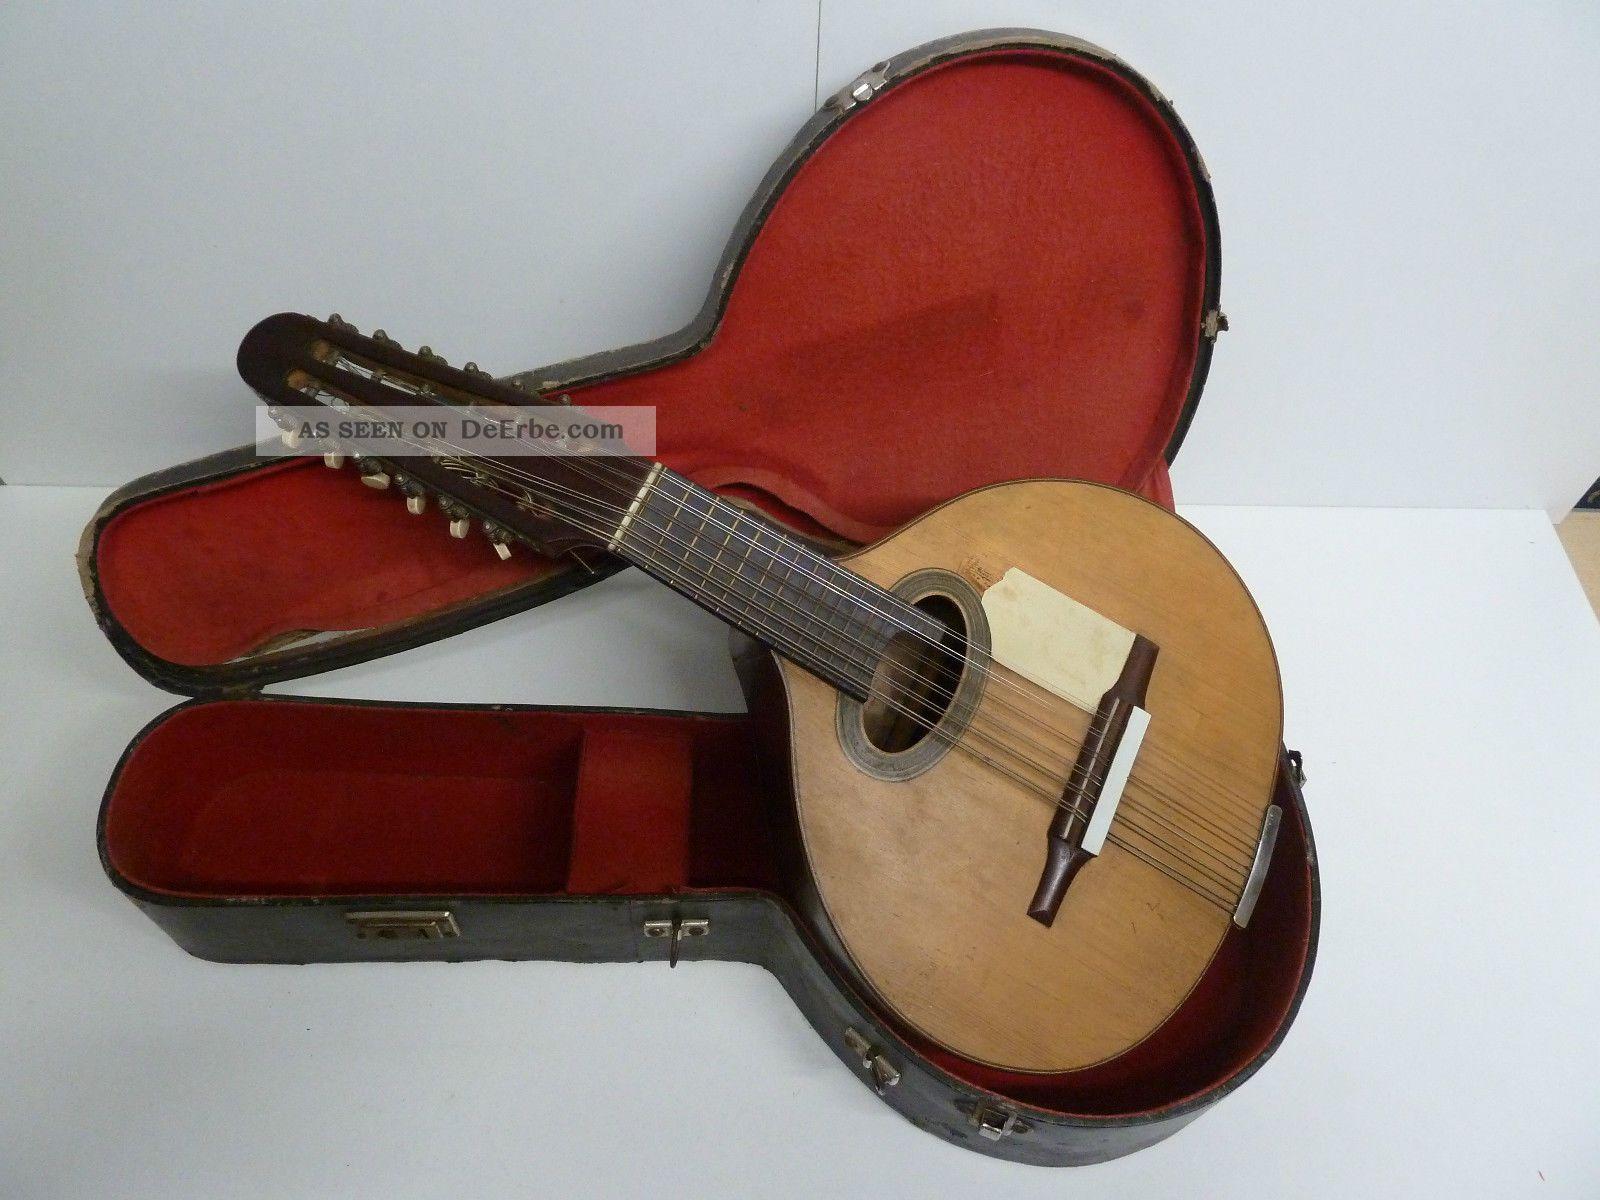 Alte Gitarre Aus Madrid - Spanien Musikinstrumente Bild